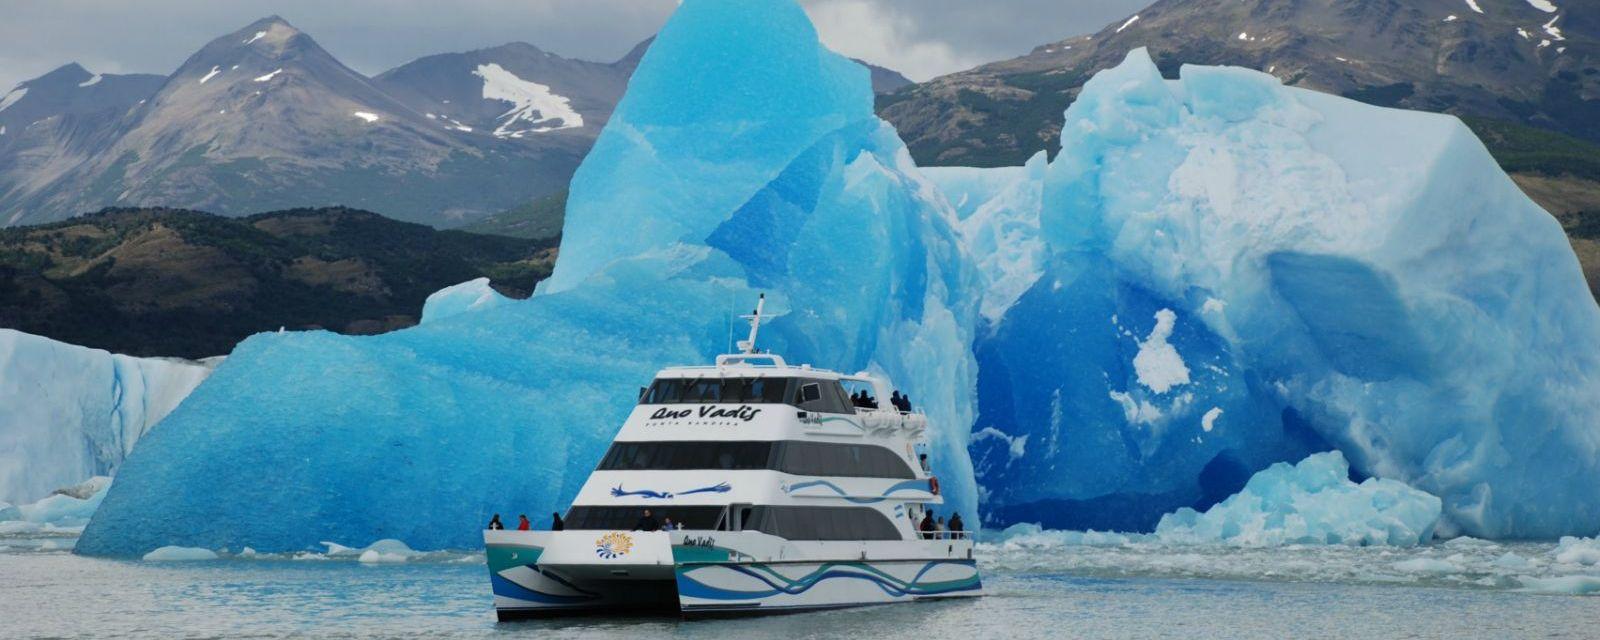 rios de hielo express el calafate